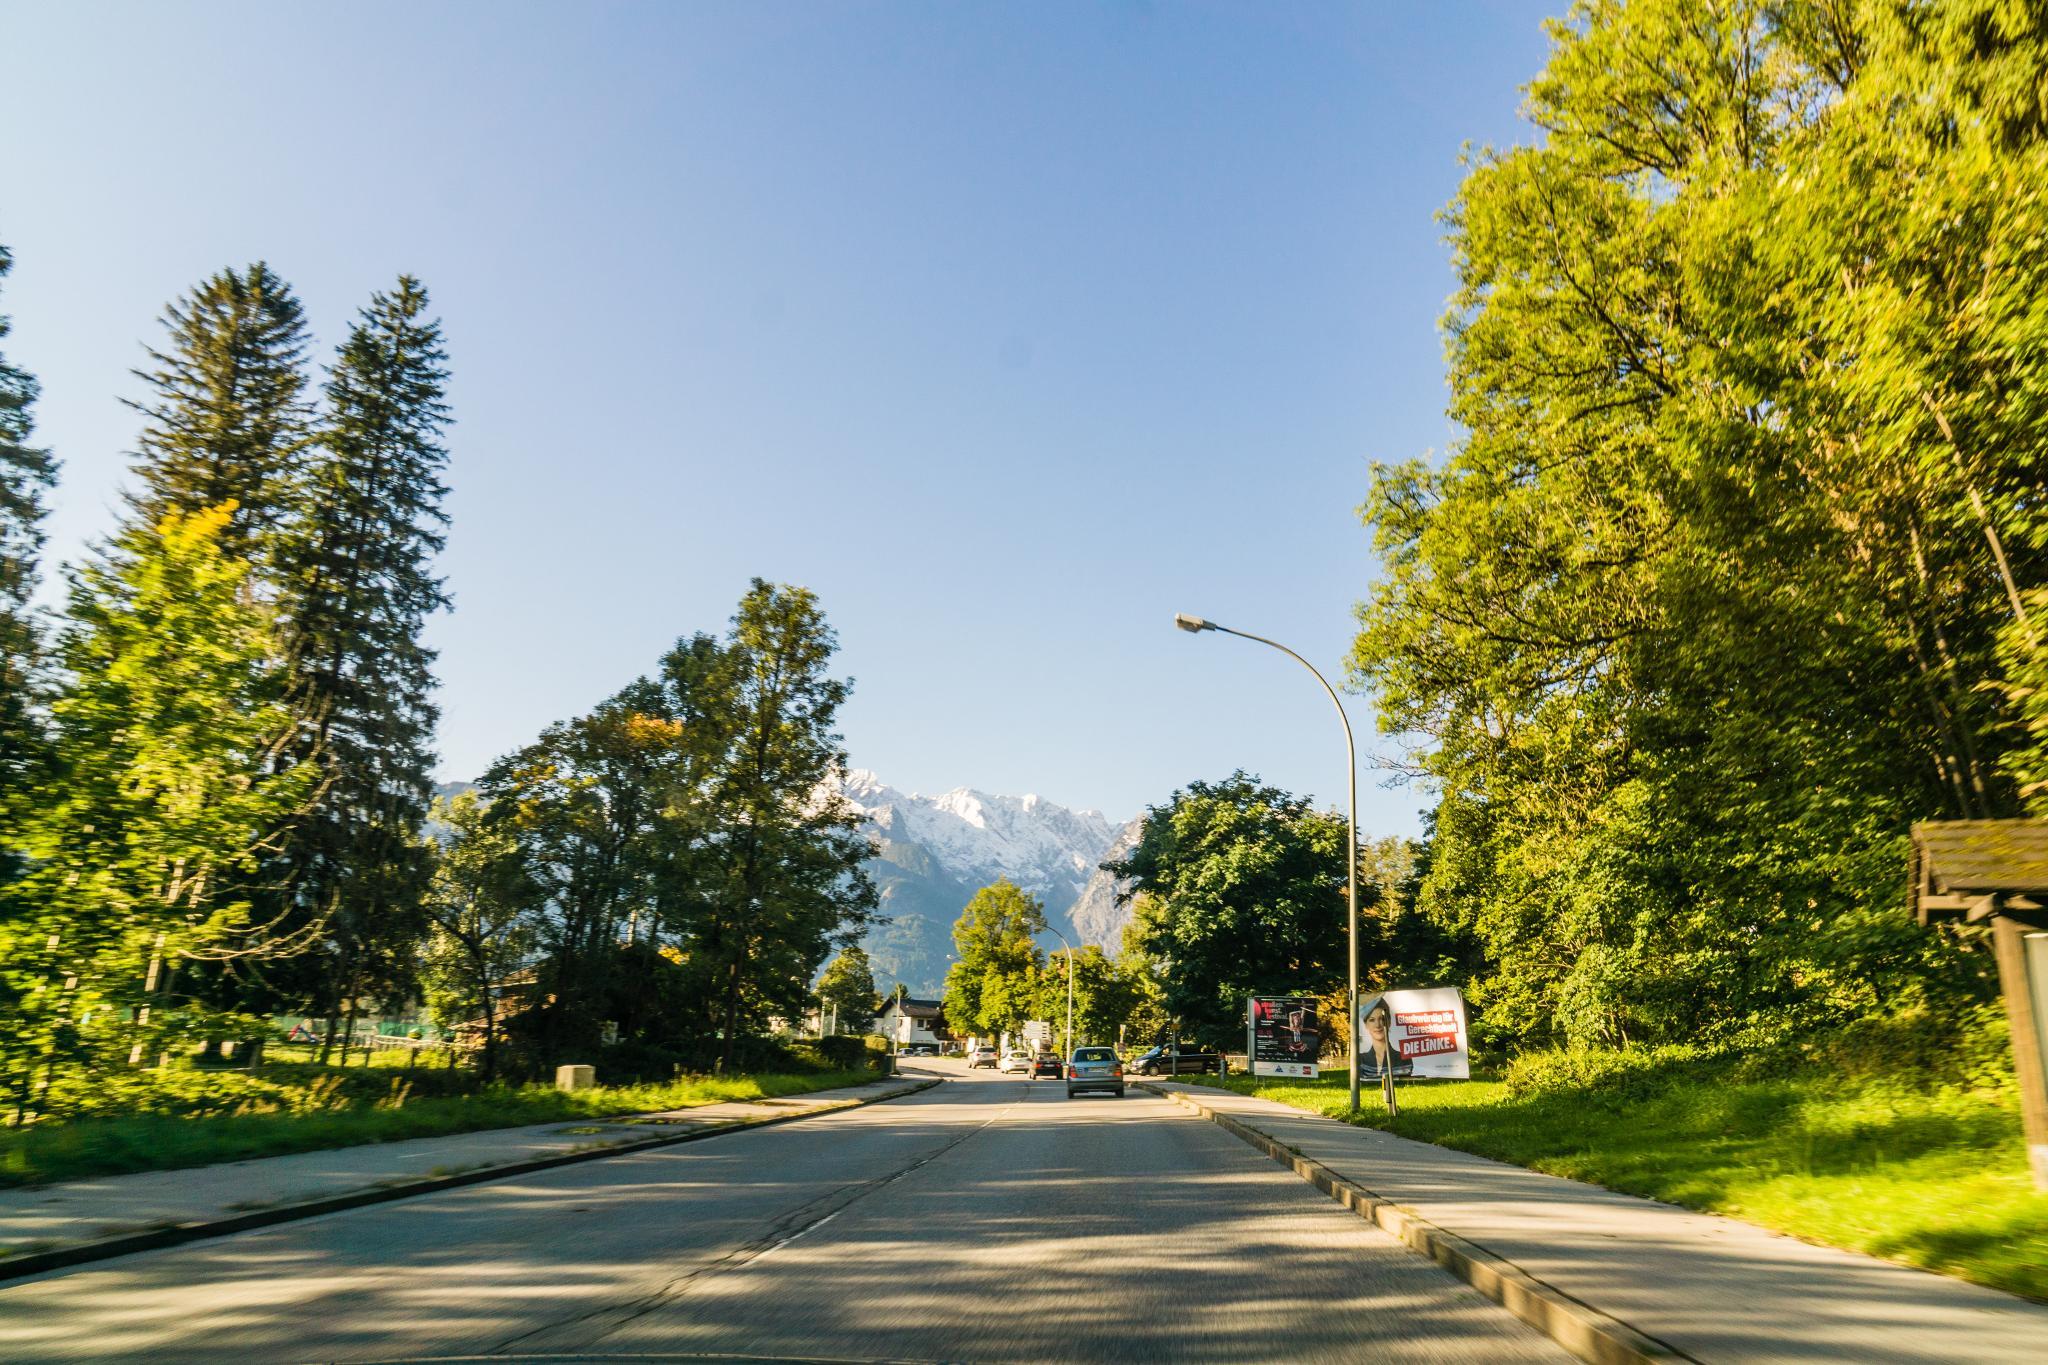 【德國】阿爾卑斯大道:楚格峰 (Zugspitze) 登上德國之巔 9